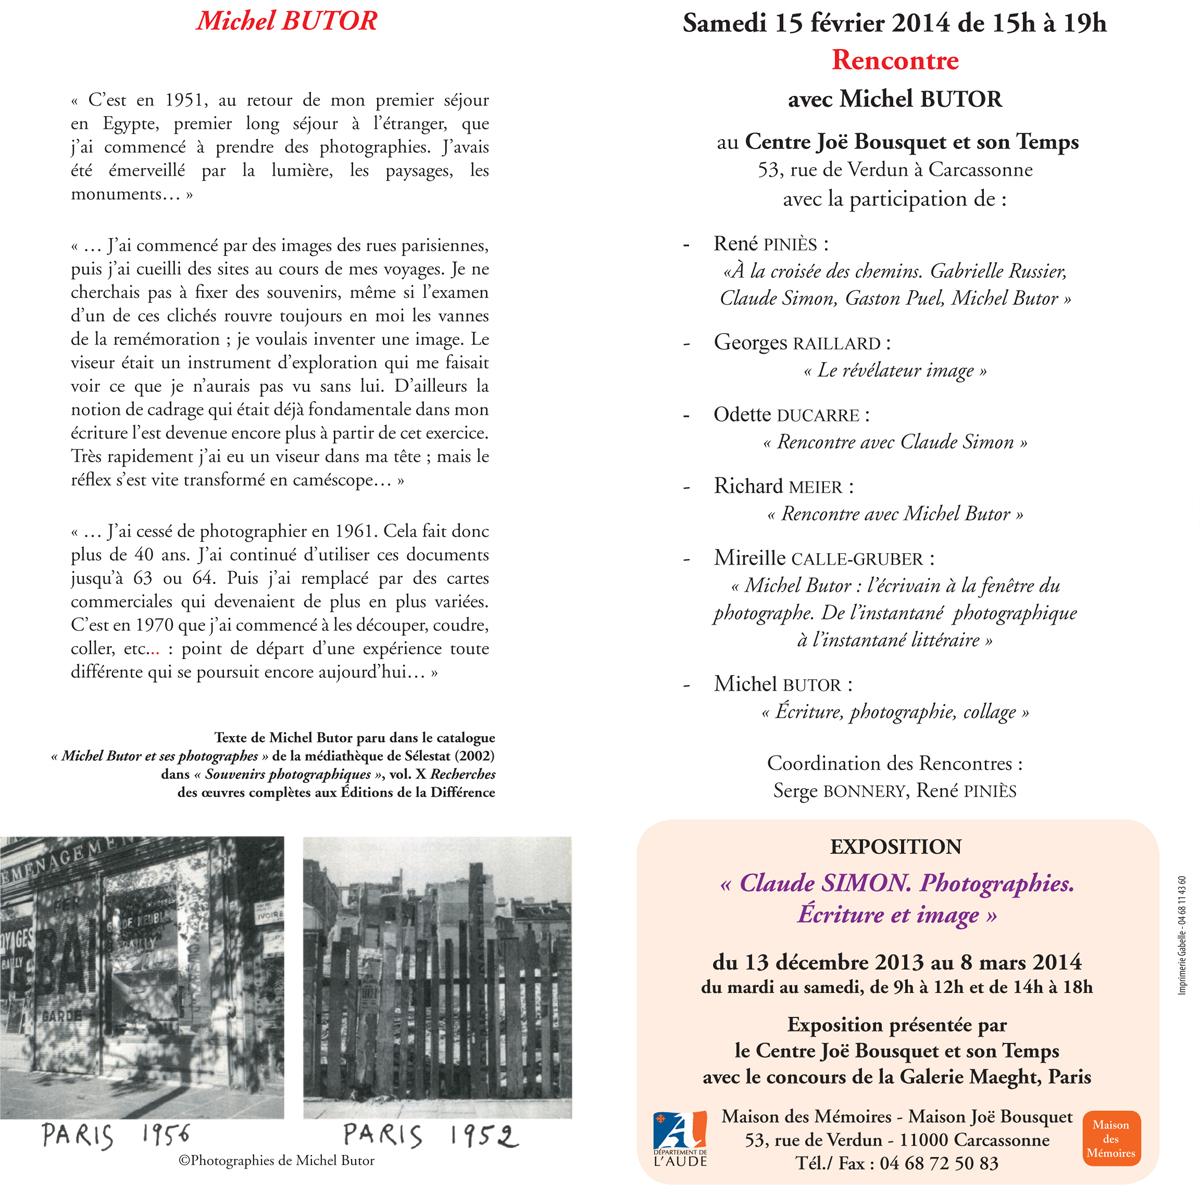 Rencontre avec Michel Butor - page 2